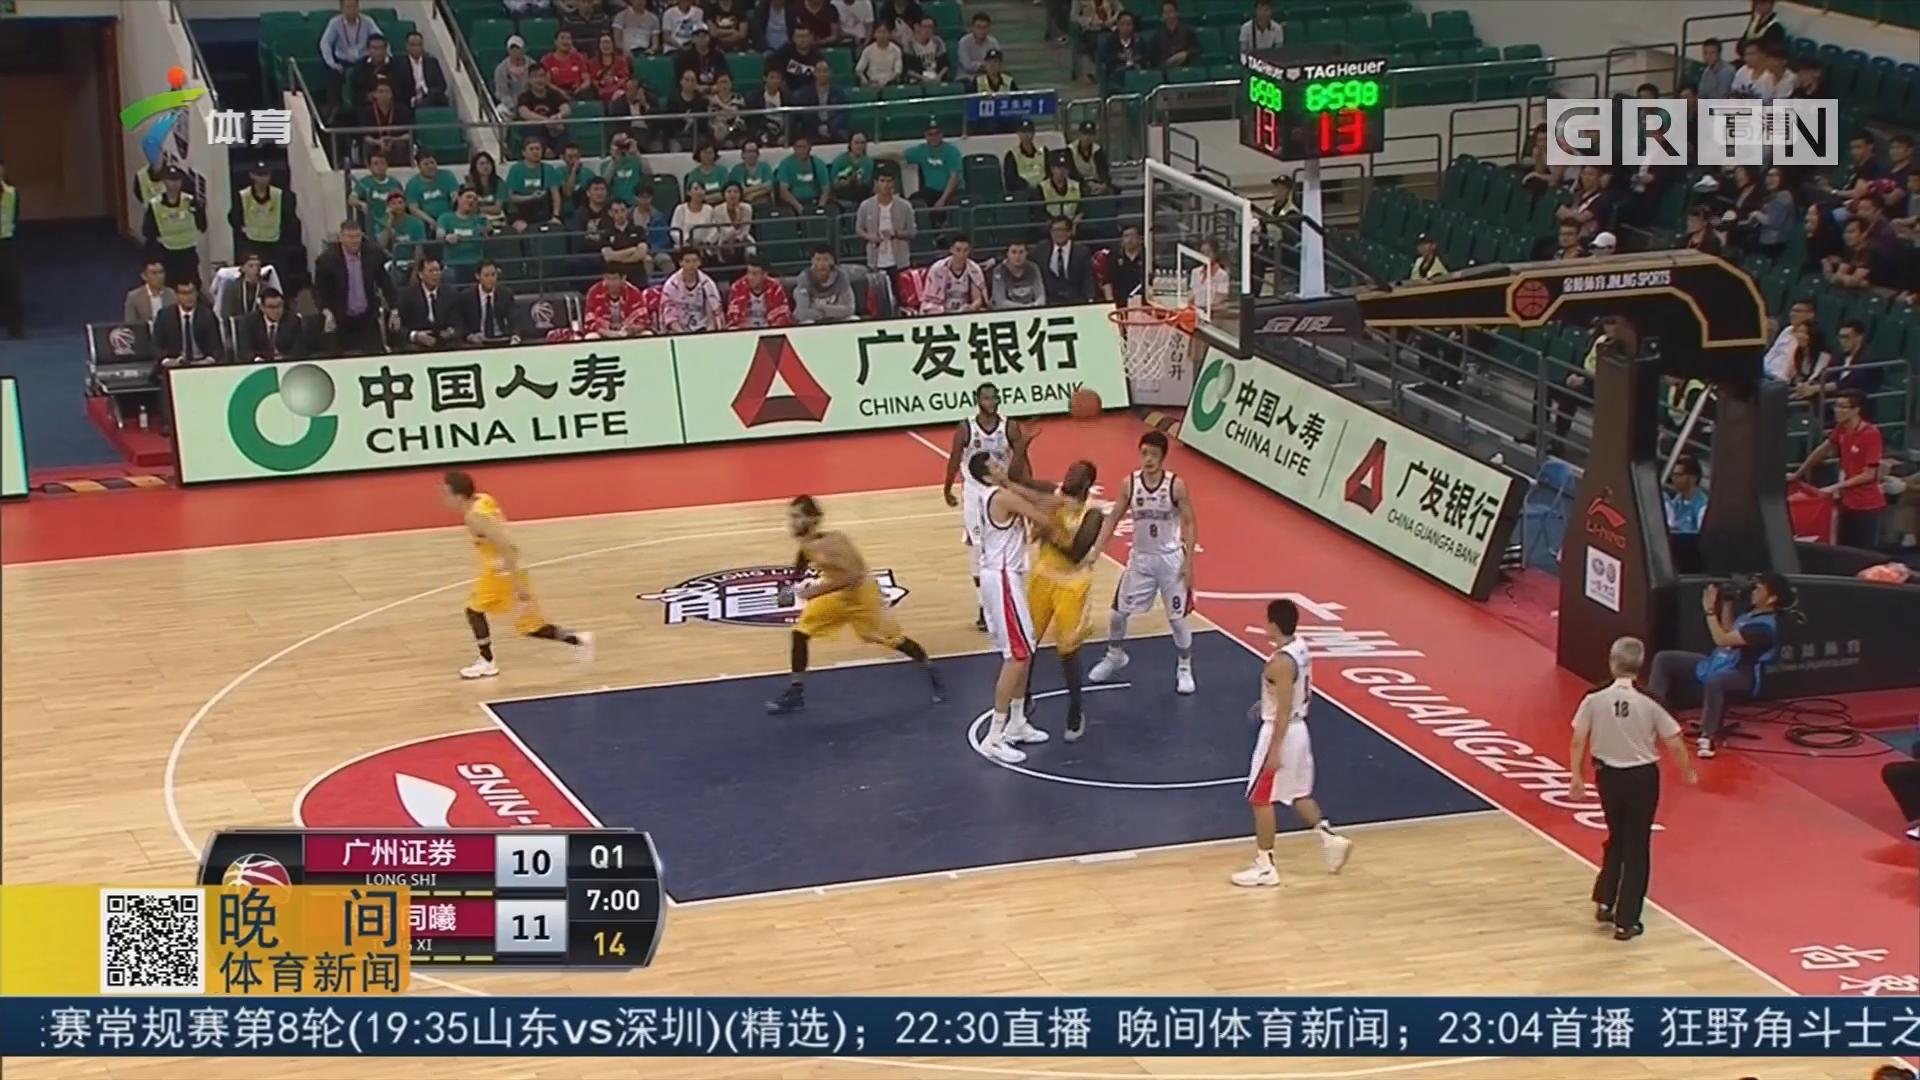 第三节逆转 龙狮广州主场收获大胜